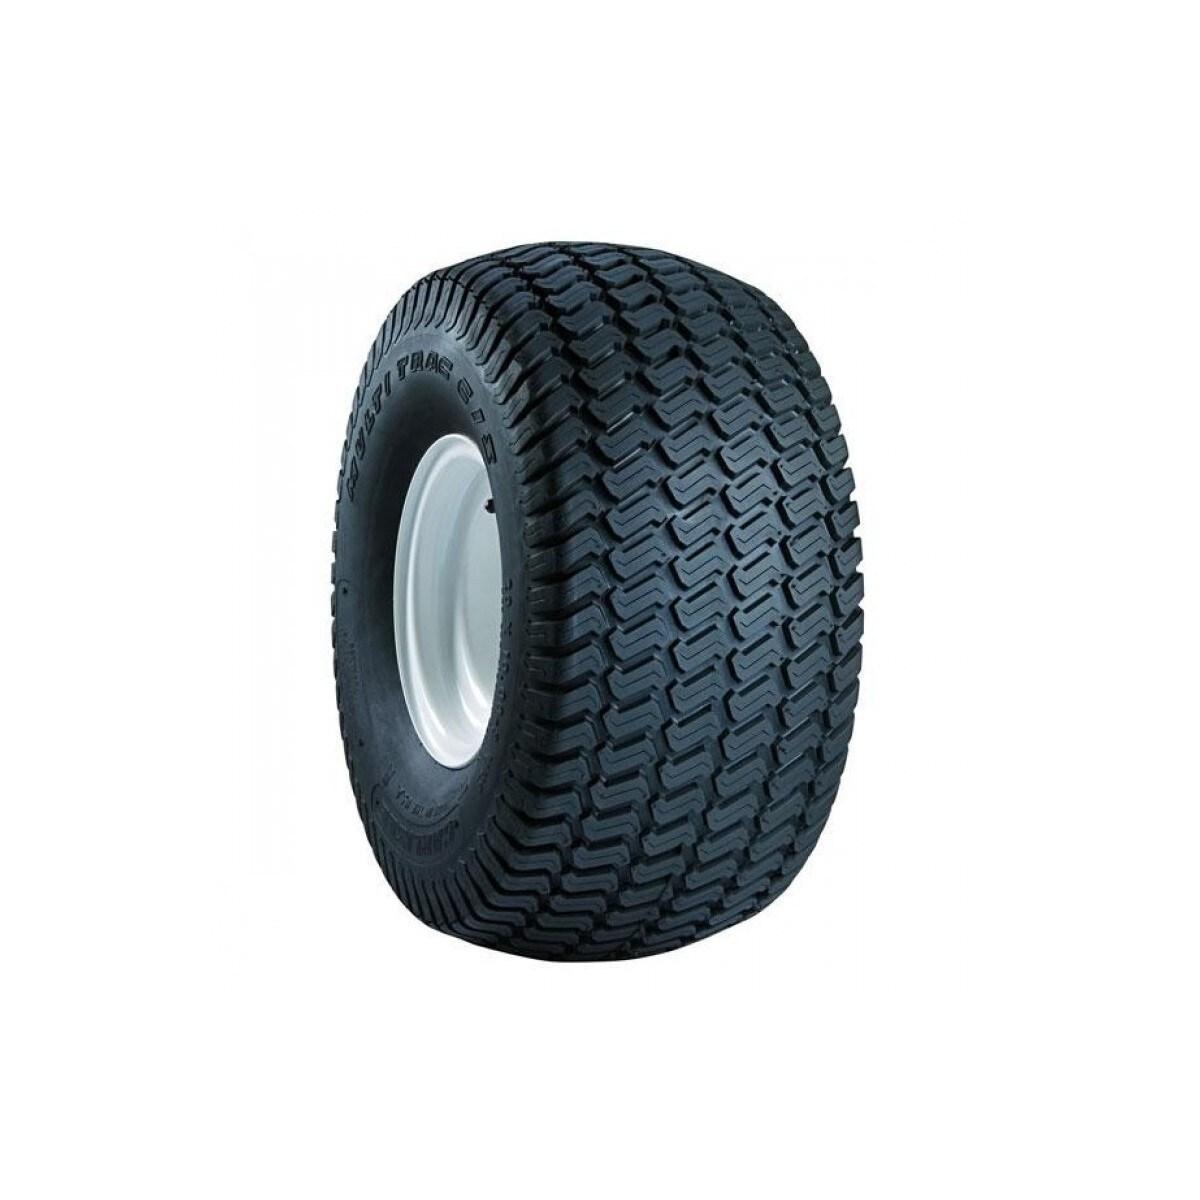 Carlisle Multi Trac C/S Lawn & Garden Tire - 20x10.00-8 4...